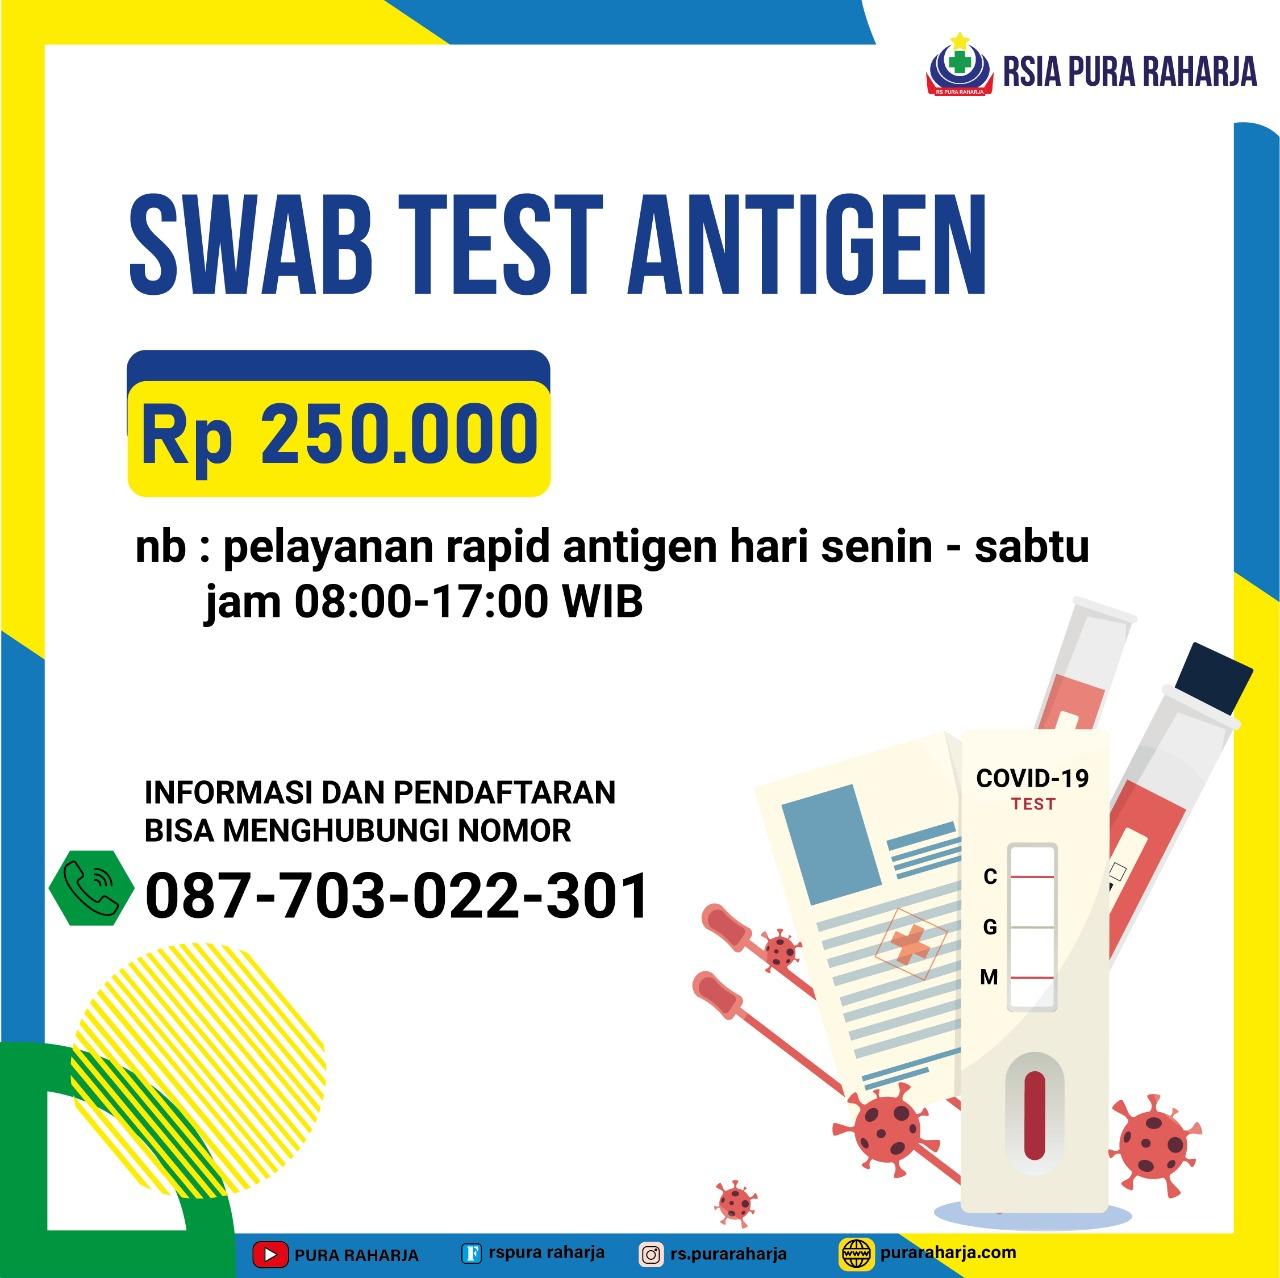 Swab Test Antigen